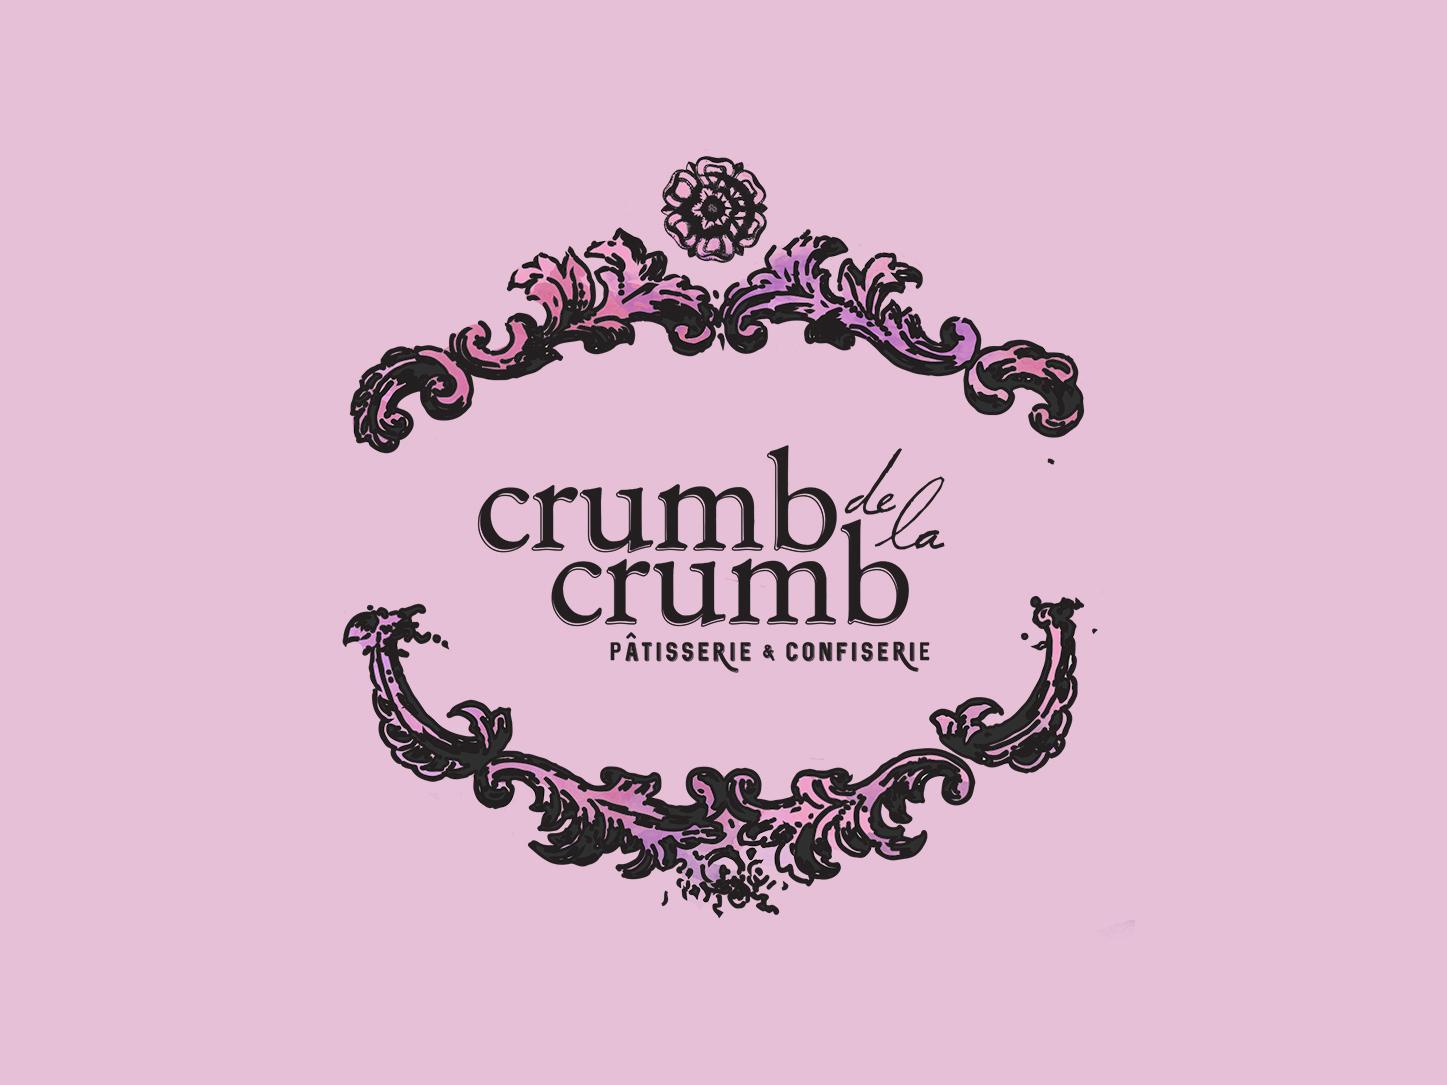 Crumb de la Crumb Bakery Logotype 1 feminine brand pink logo pink vector pink branding french bakery bakery logo vector branding illustration design